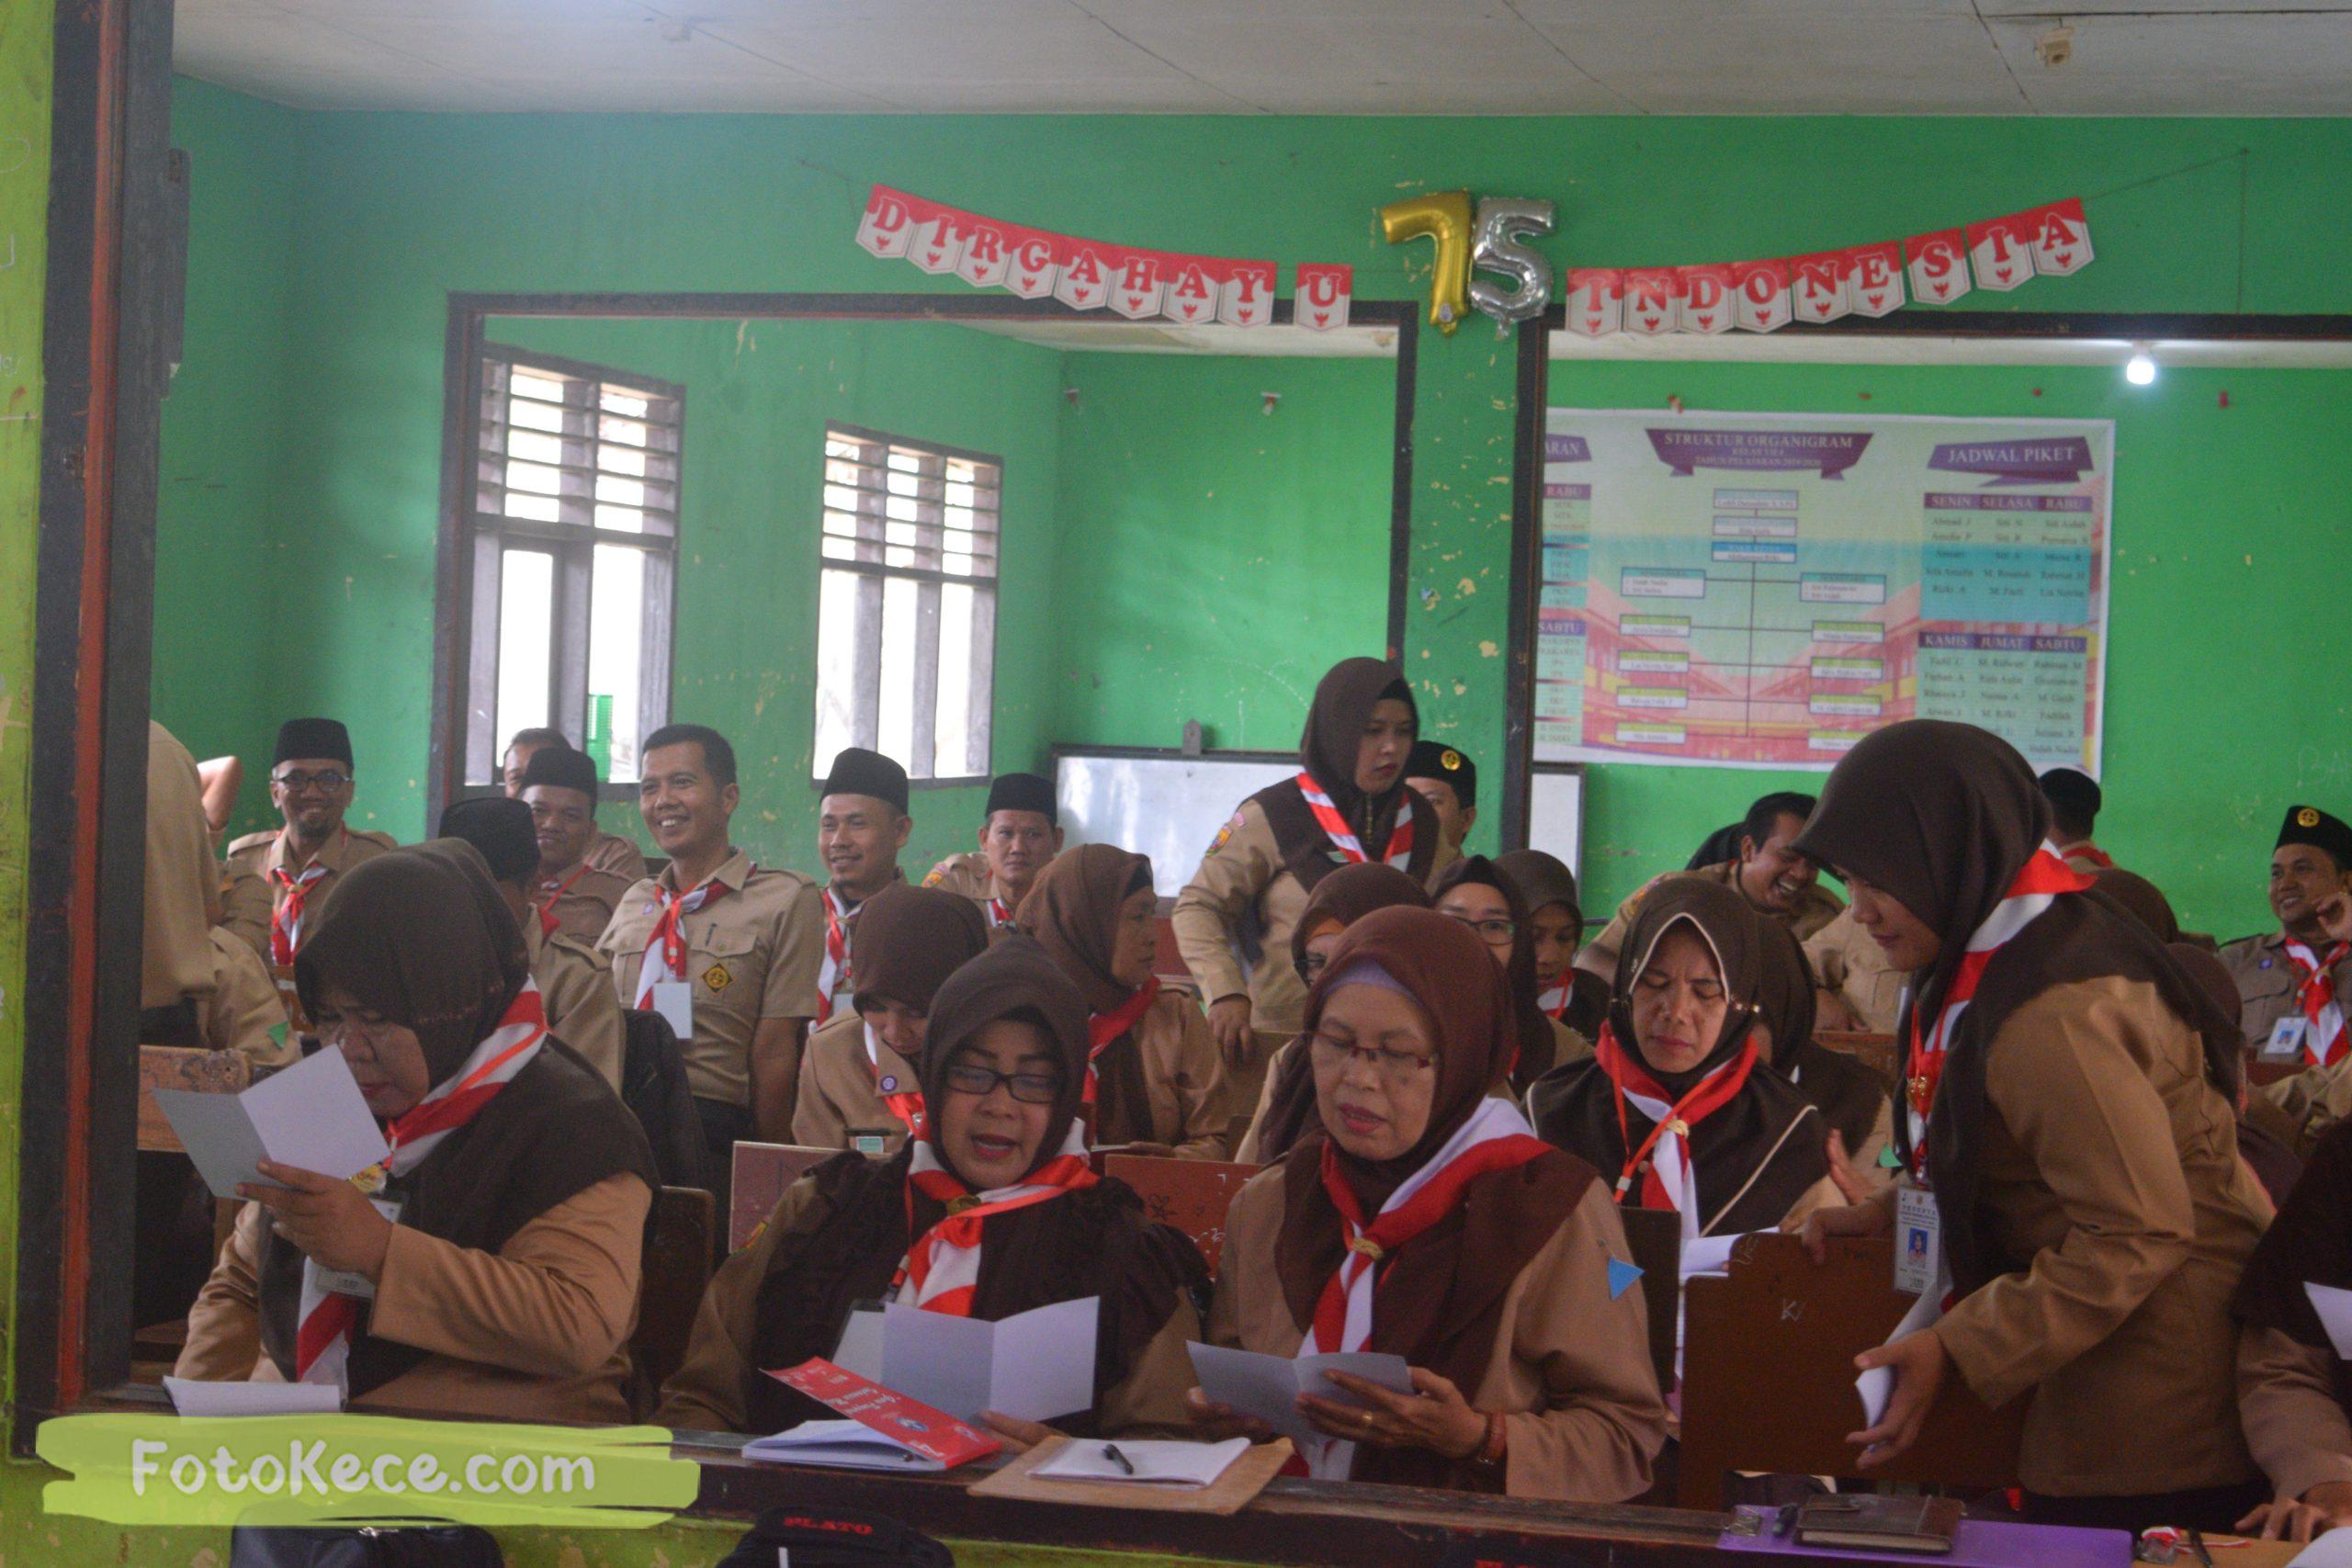 indoor kursus pembina mahir tingkat dasar kmd kwartir ranting surade 2019 fotokece Des 2019 14 scaled